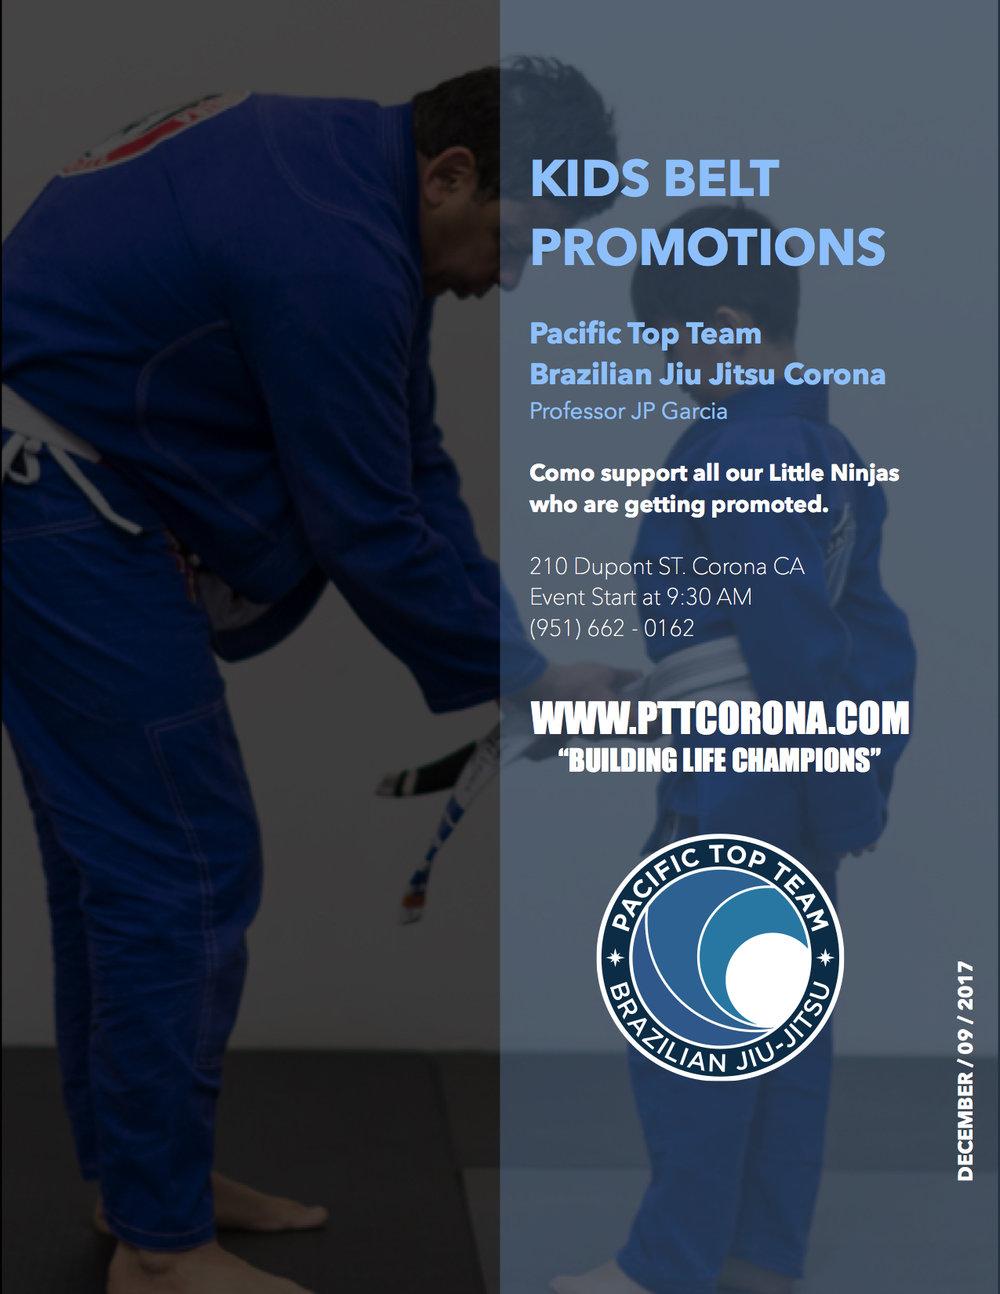 Brazilian Jiu Jitsu Belt Promotions in Corona